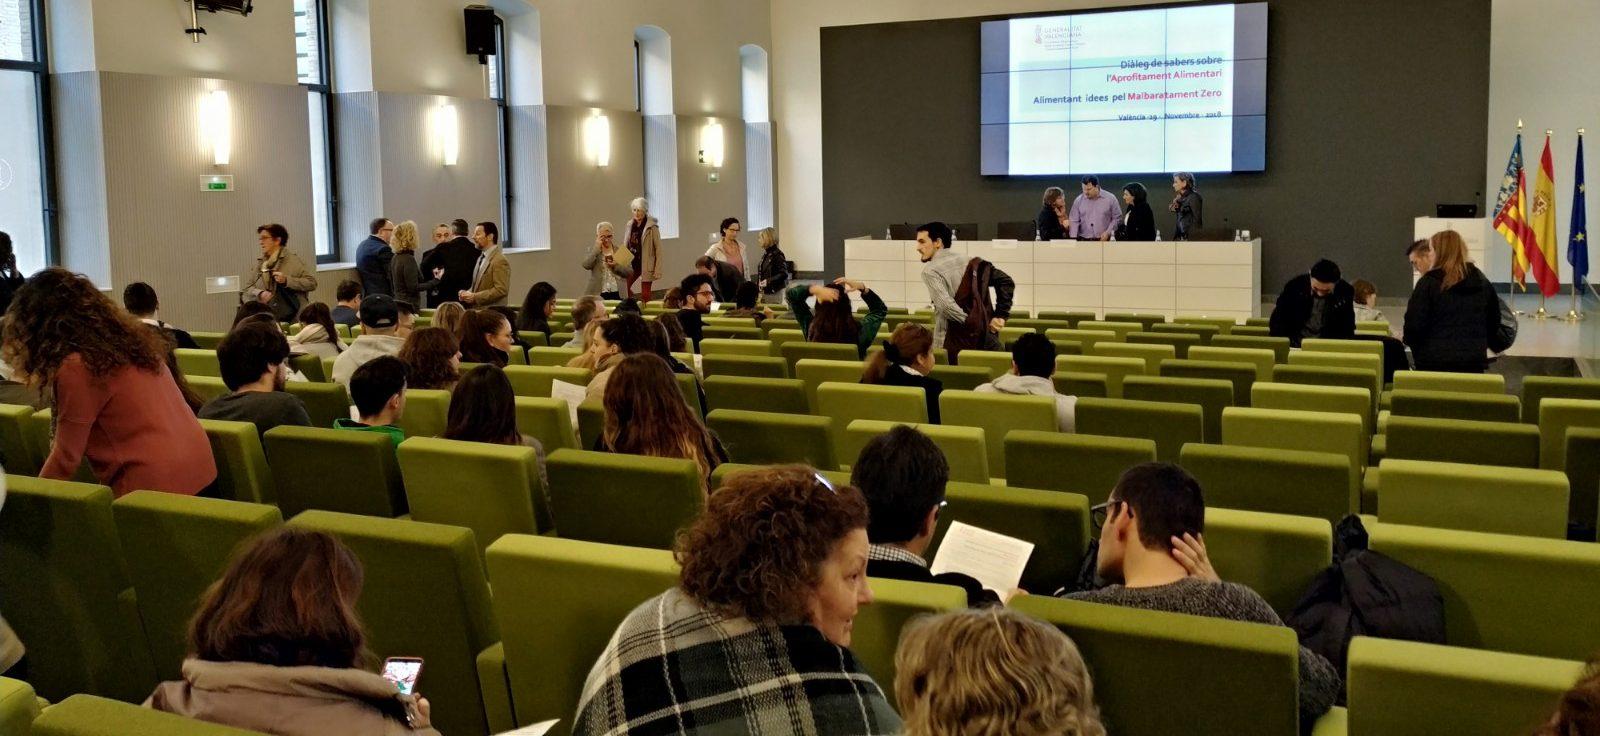 Diálogo de Saberes sobre Desperdicio de Alimentos Conselleria de Agricultura